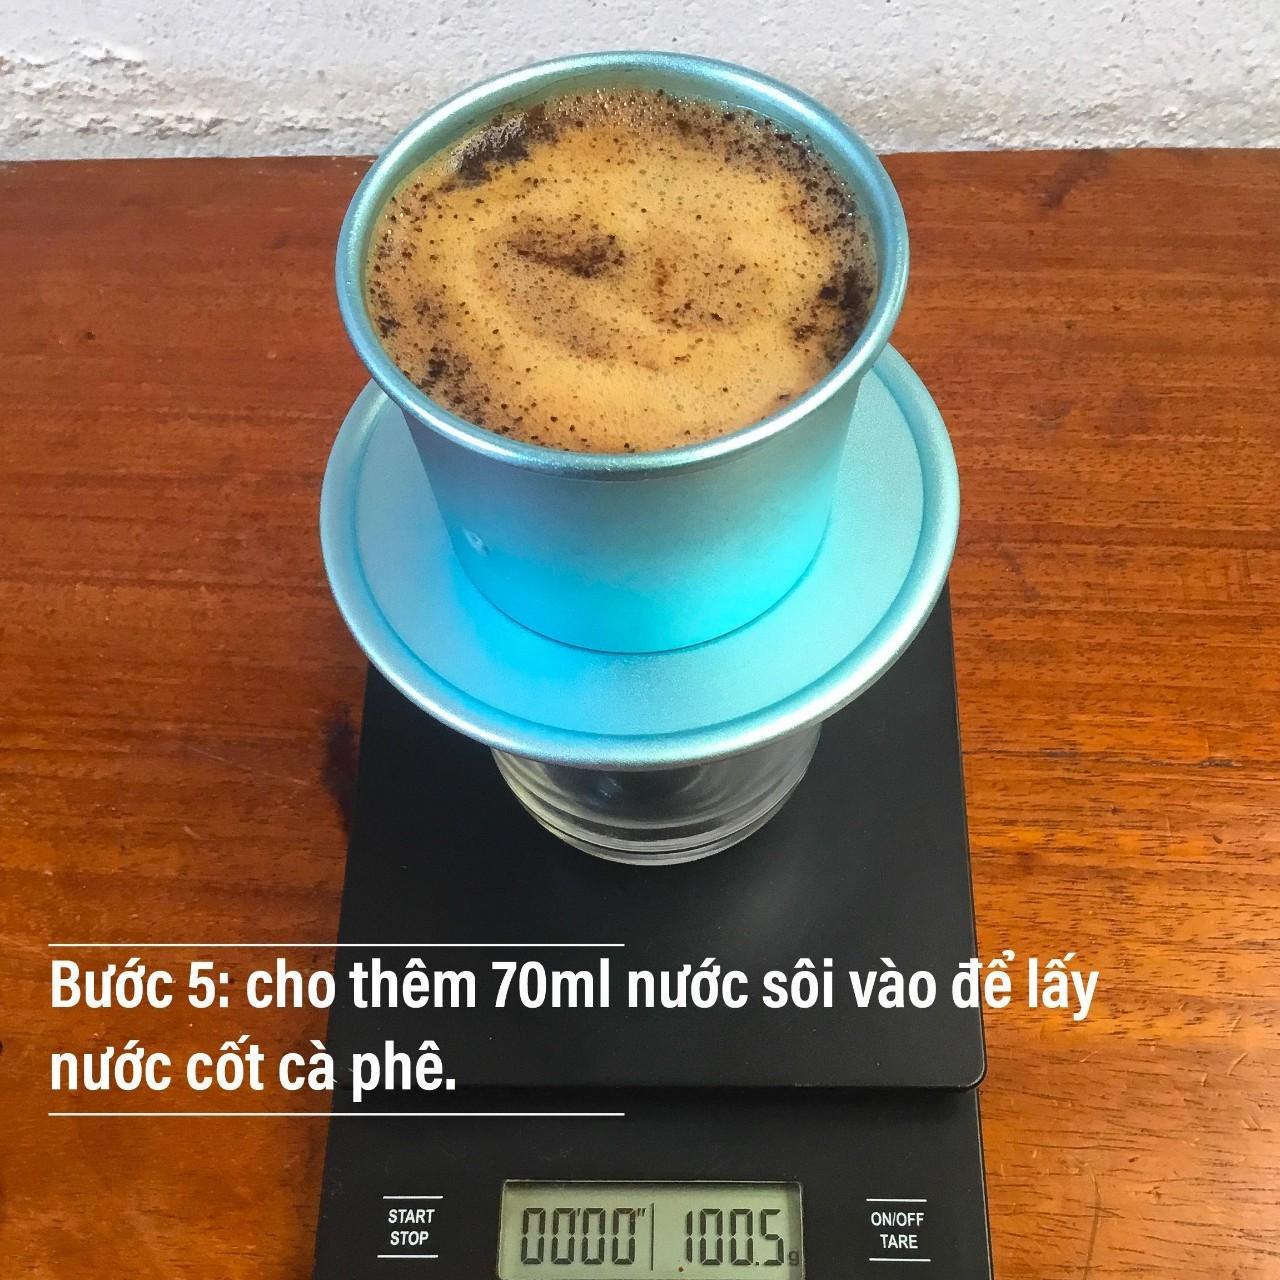 Cách pha cà phê ngon - Bước 1